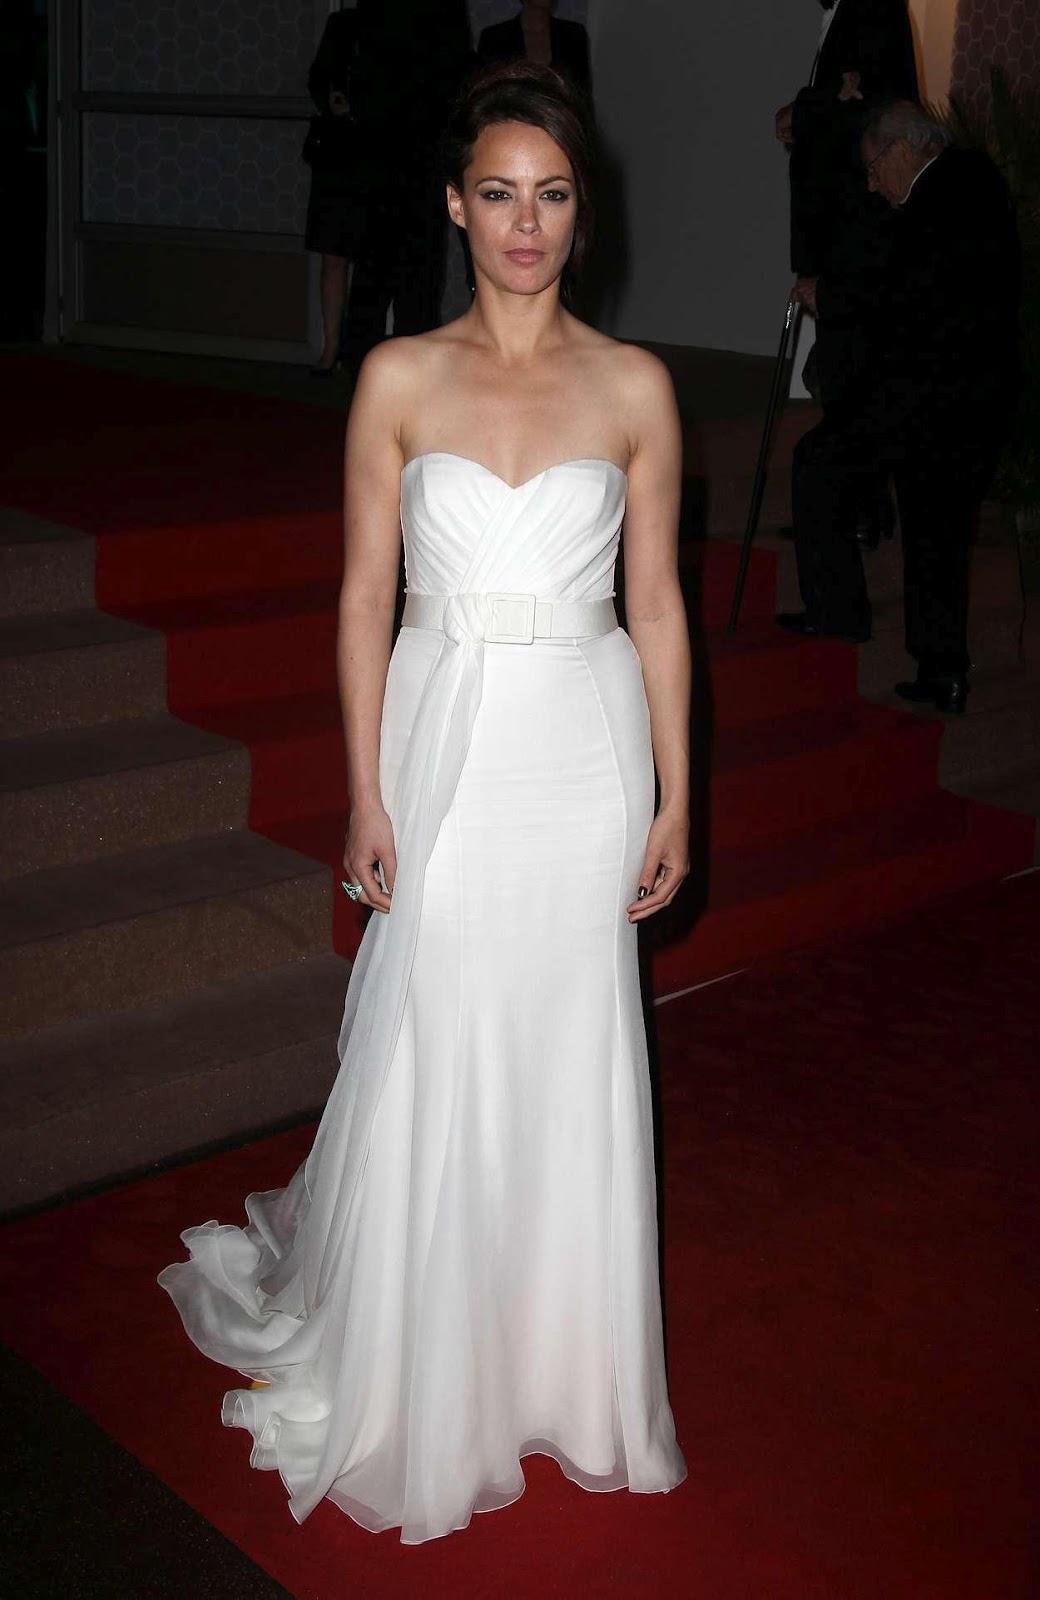 LifestyleBay: berenice bejo hot photos in white dress